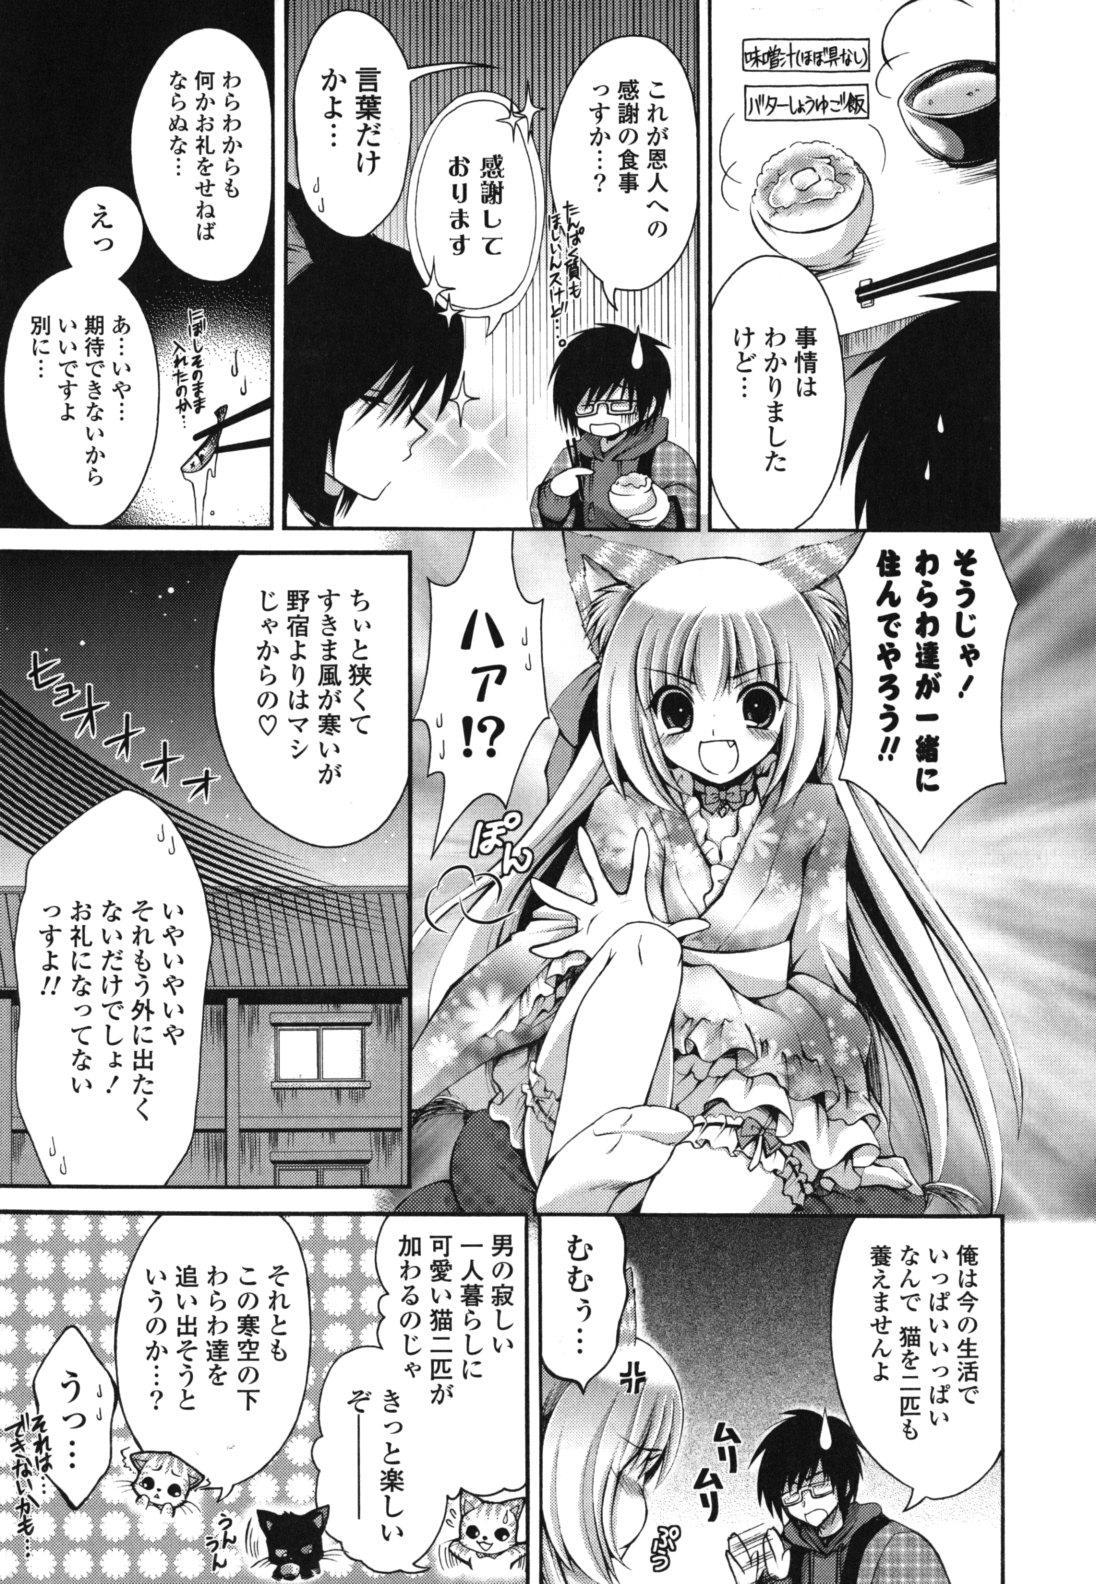 Otome Kaikinbi 13